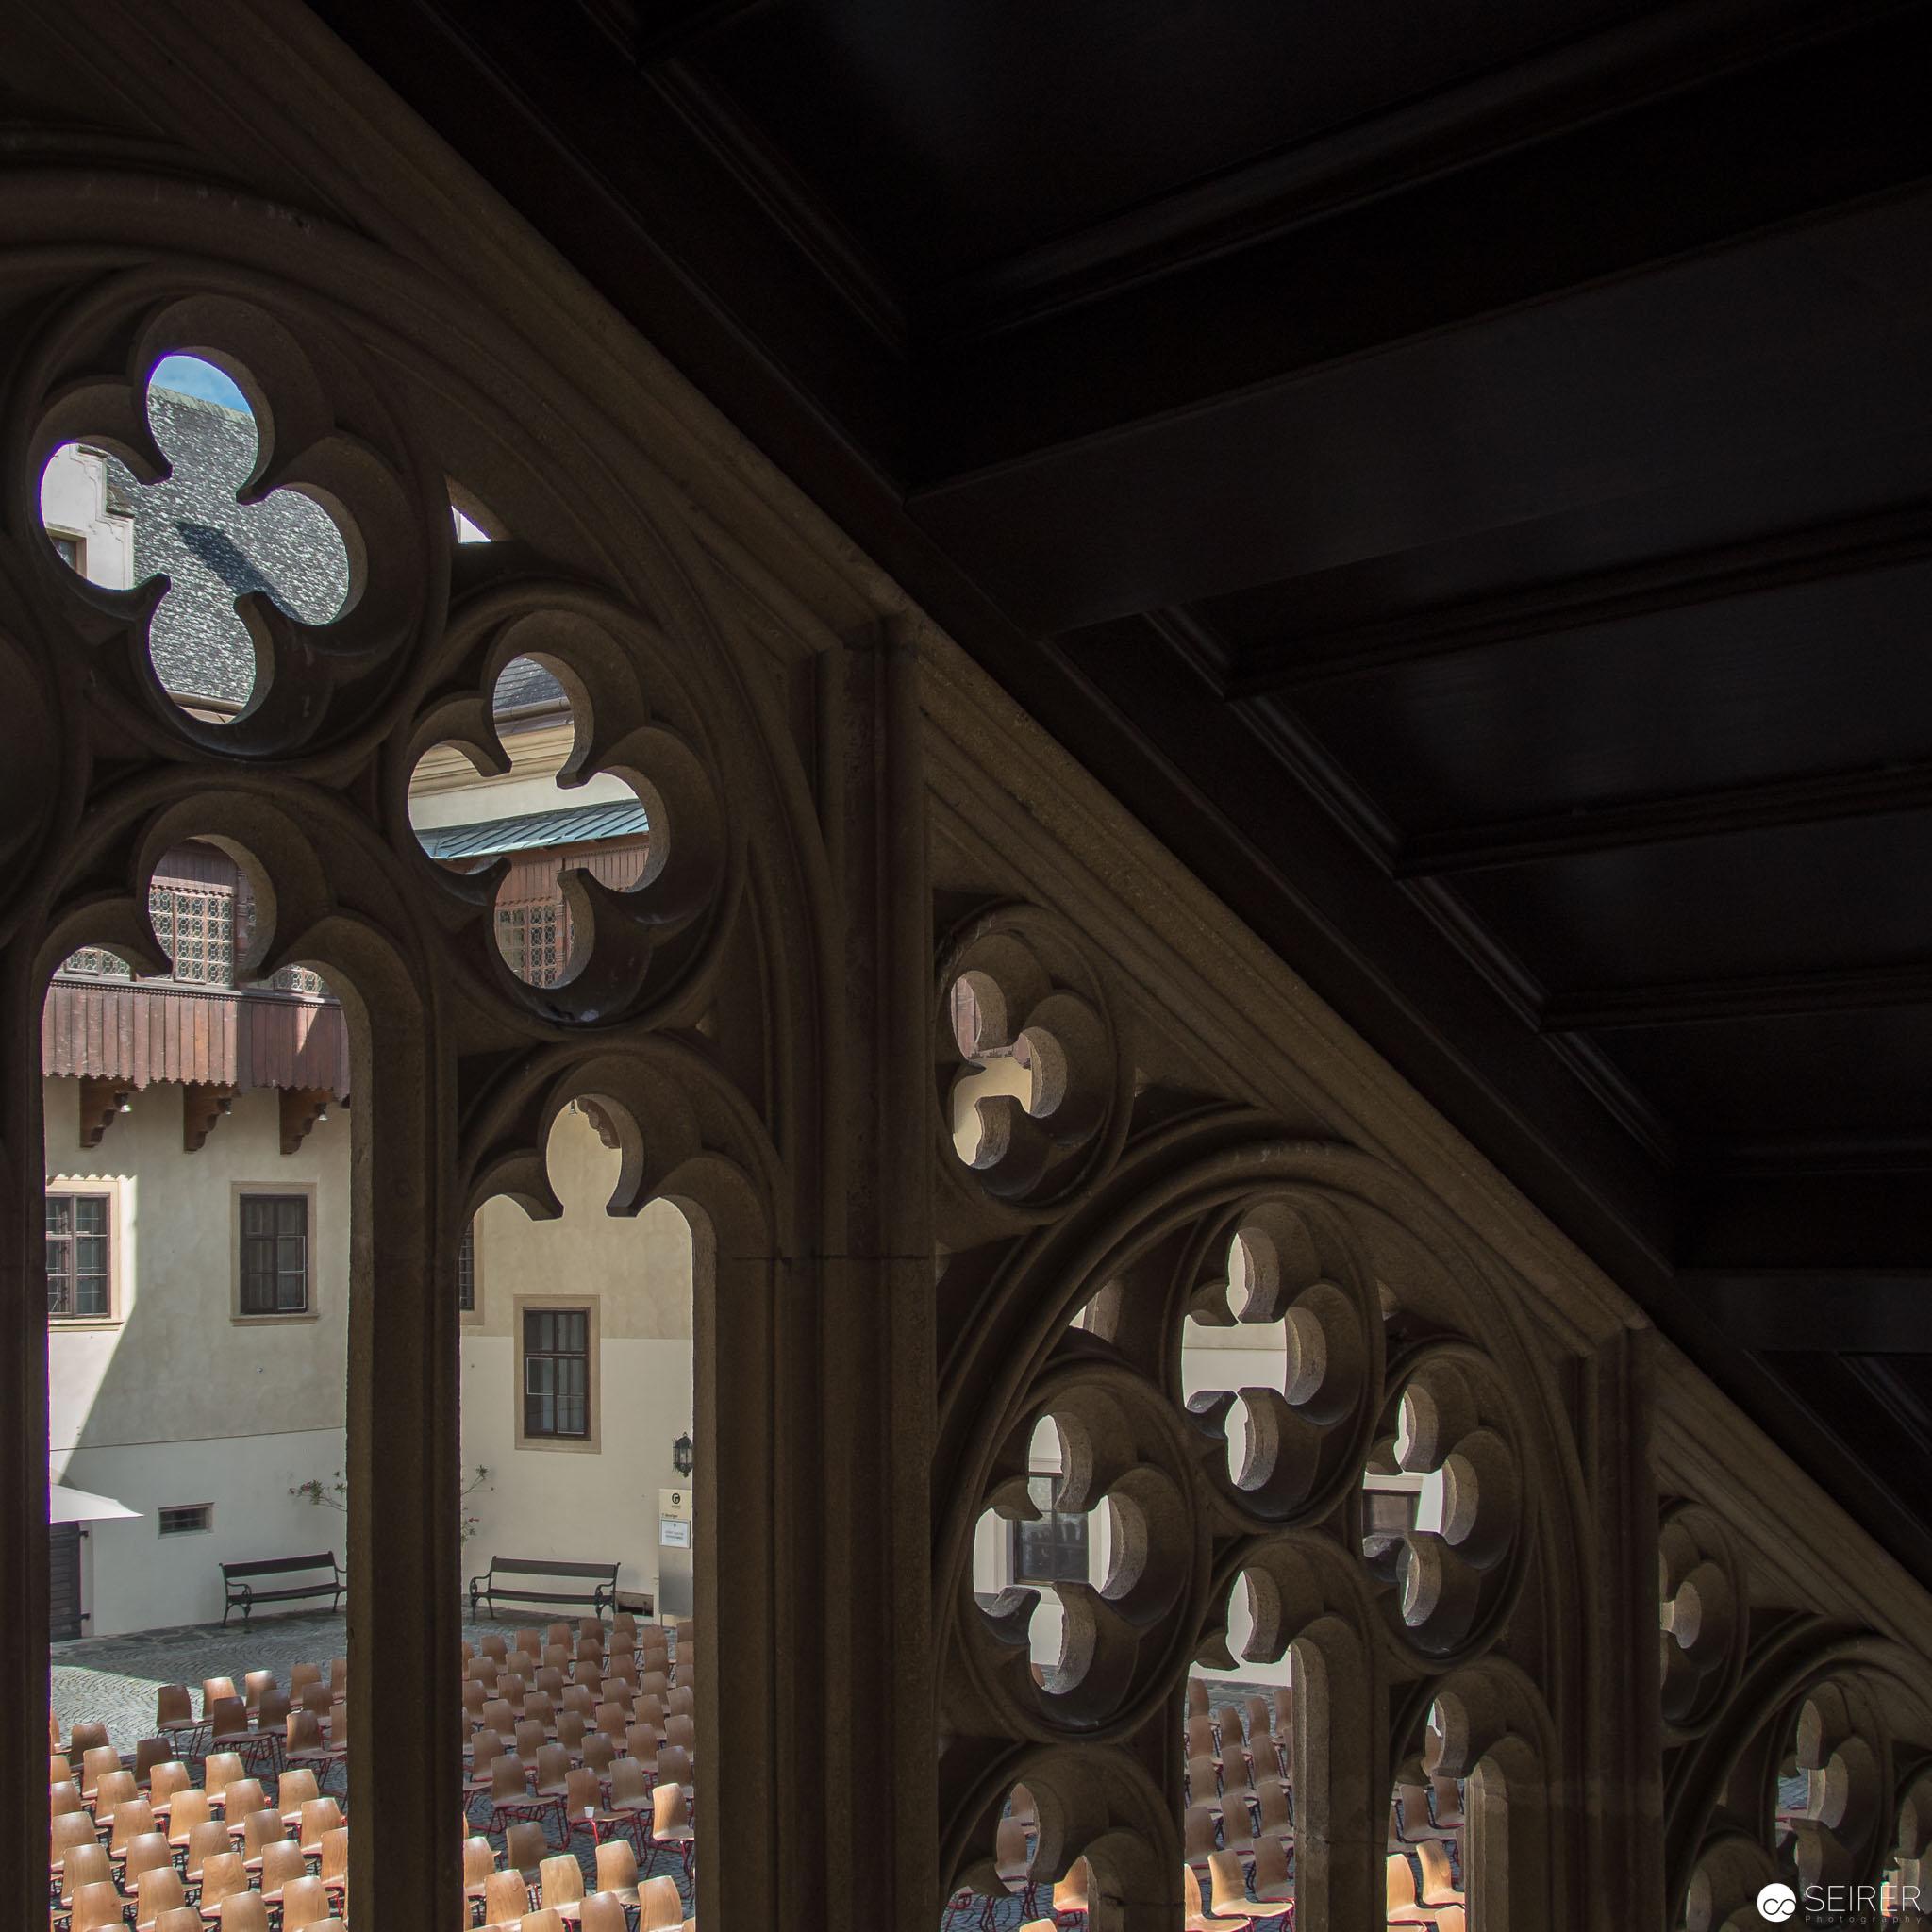 Durchblick in den Innenhof, in dem auch Konzerte aufgeführt werden